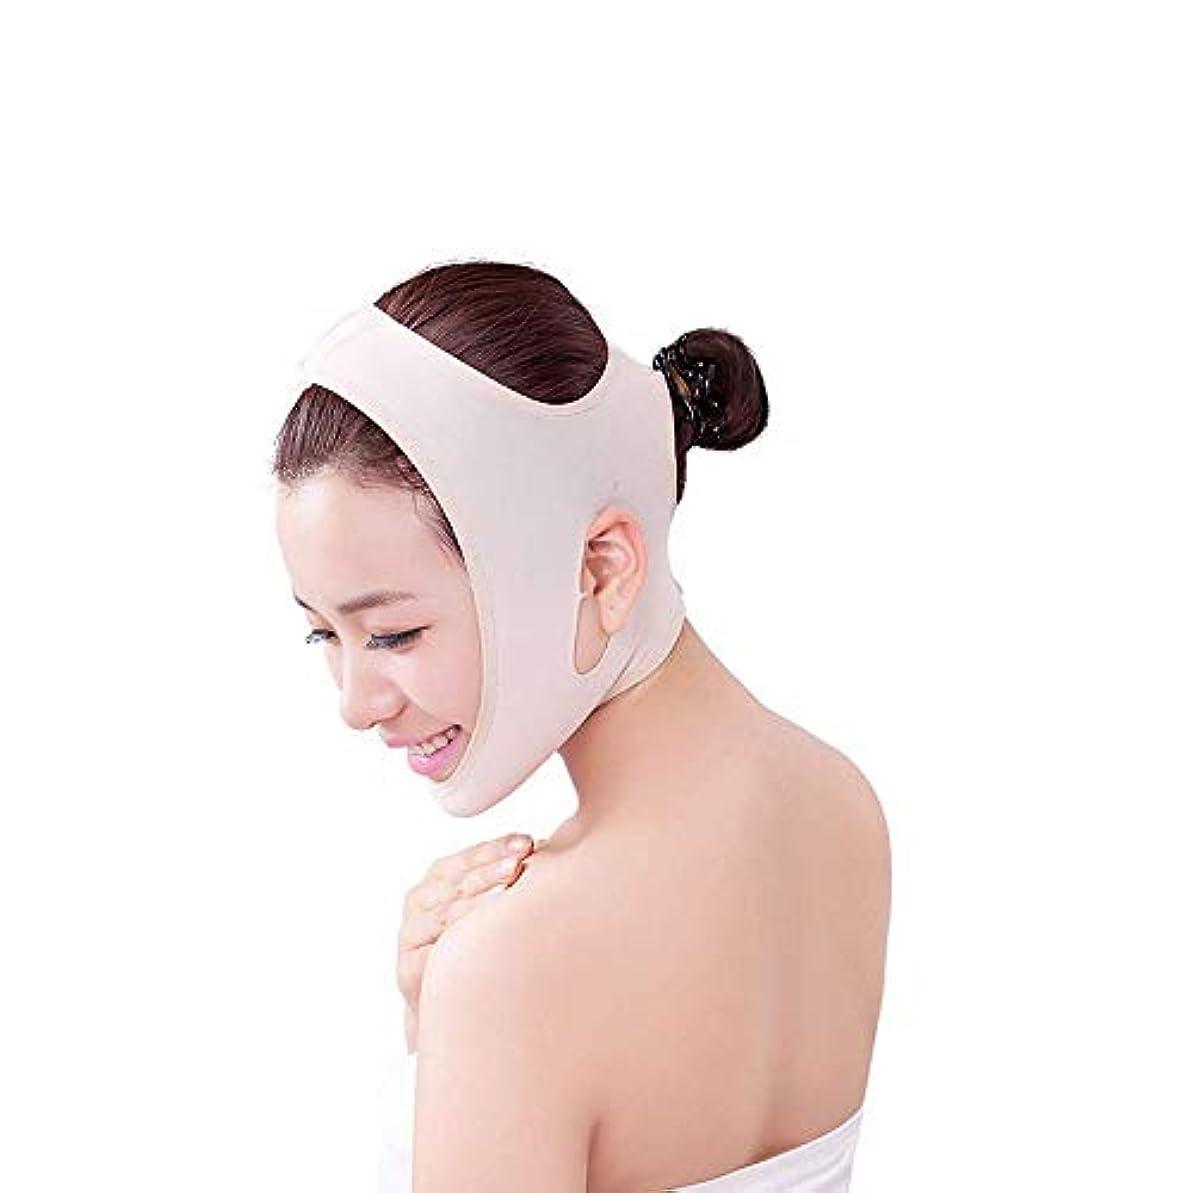 とんでもない追い付くアルプスHEMFV 薄い顔ベルト - Vフェイススリム包帯スキンケアリフトはThiningベルトをマスク二重あごフェイスを削減します